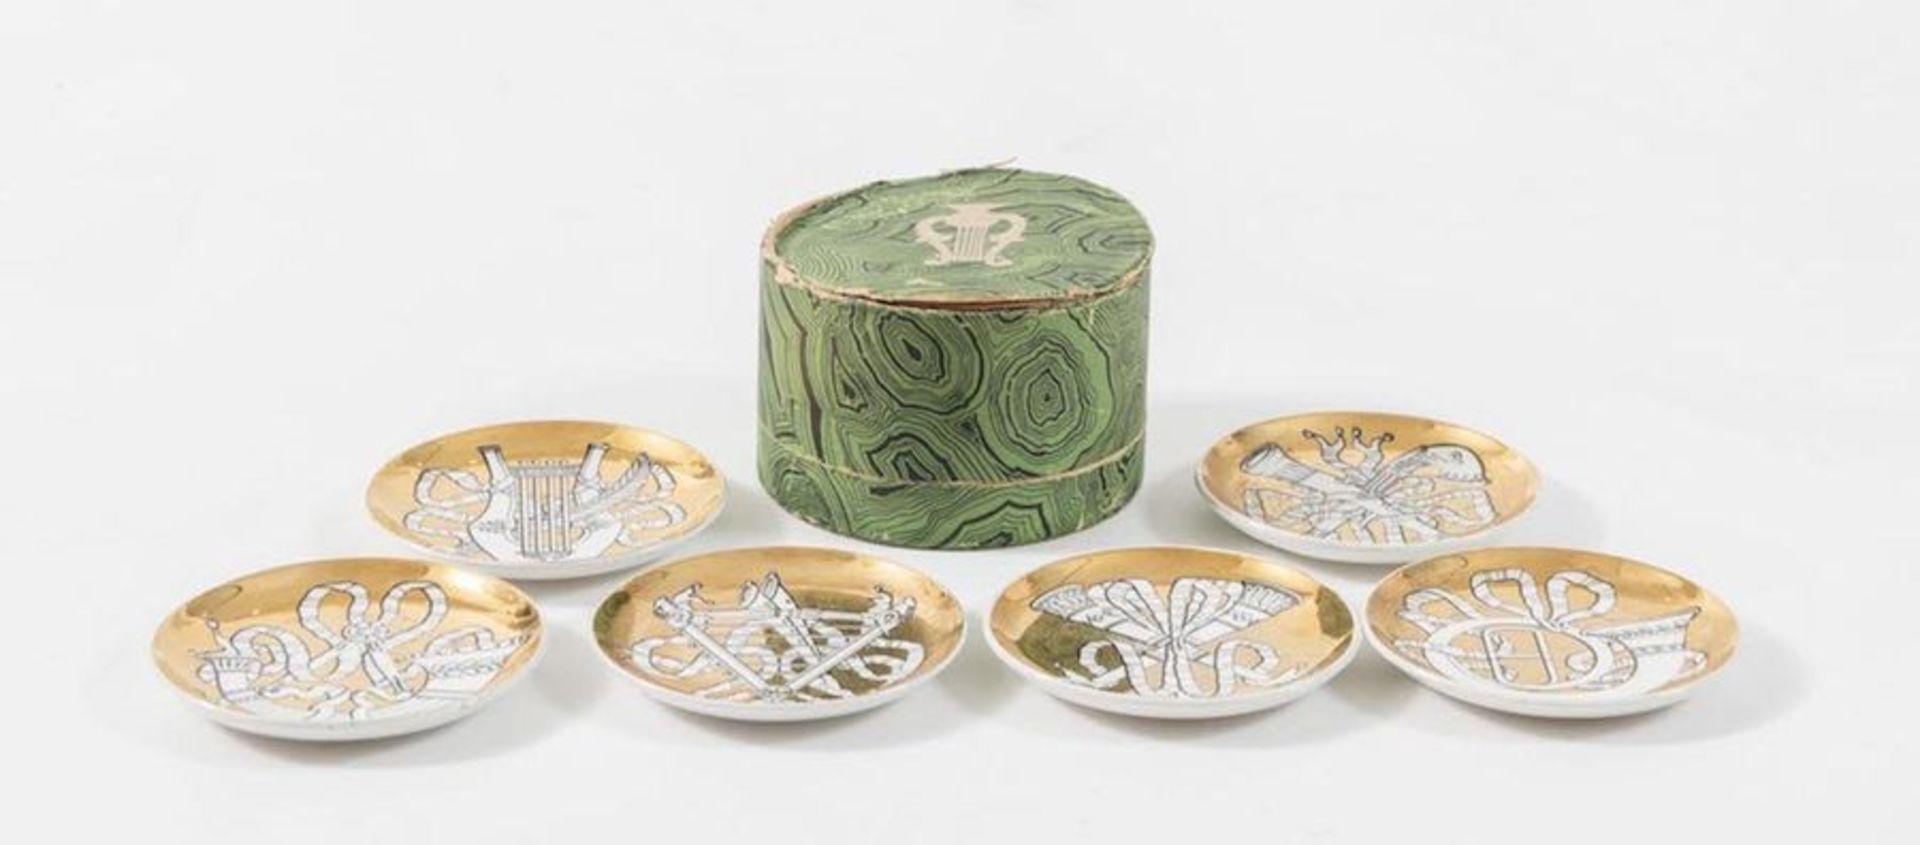 PIERO FORNASETTI Sei piatti in ceramica, dorati, della serie Musicalia; con scatola originale. March - Bild 2 aus 4